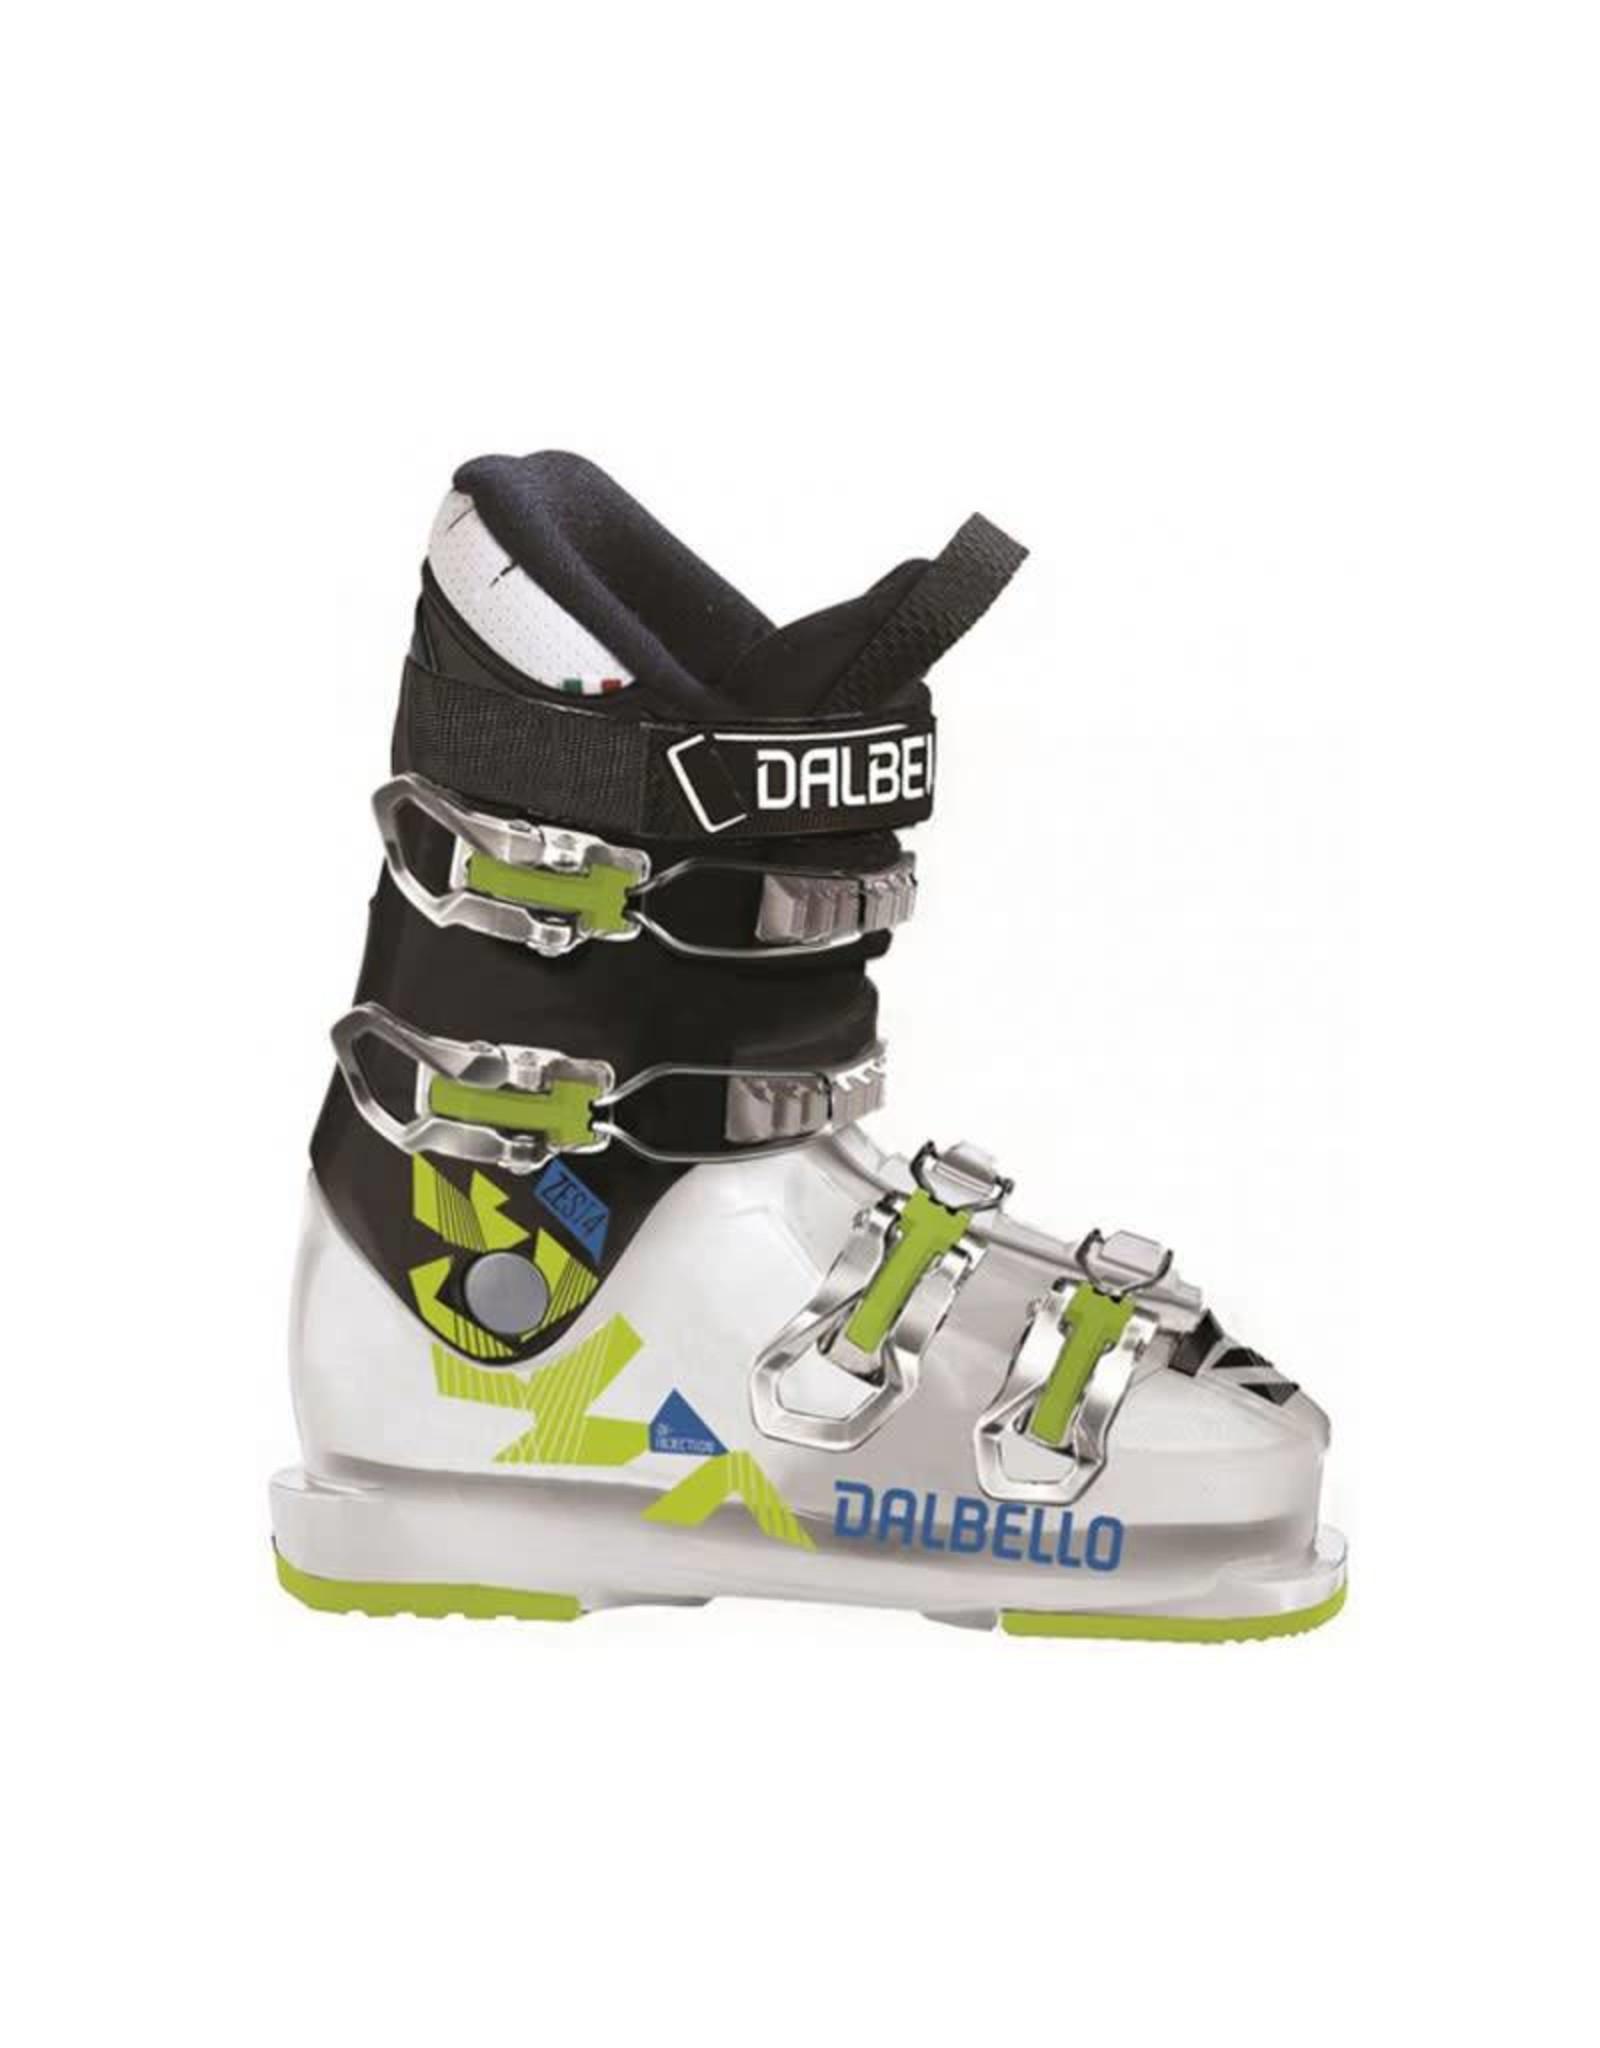 DALBELLO Skischoenen DALBELLO Zest 2/3/4 Gebruikt